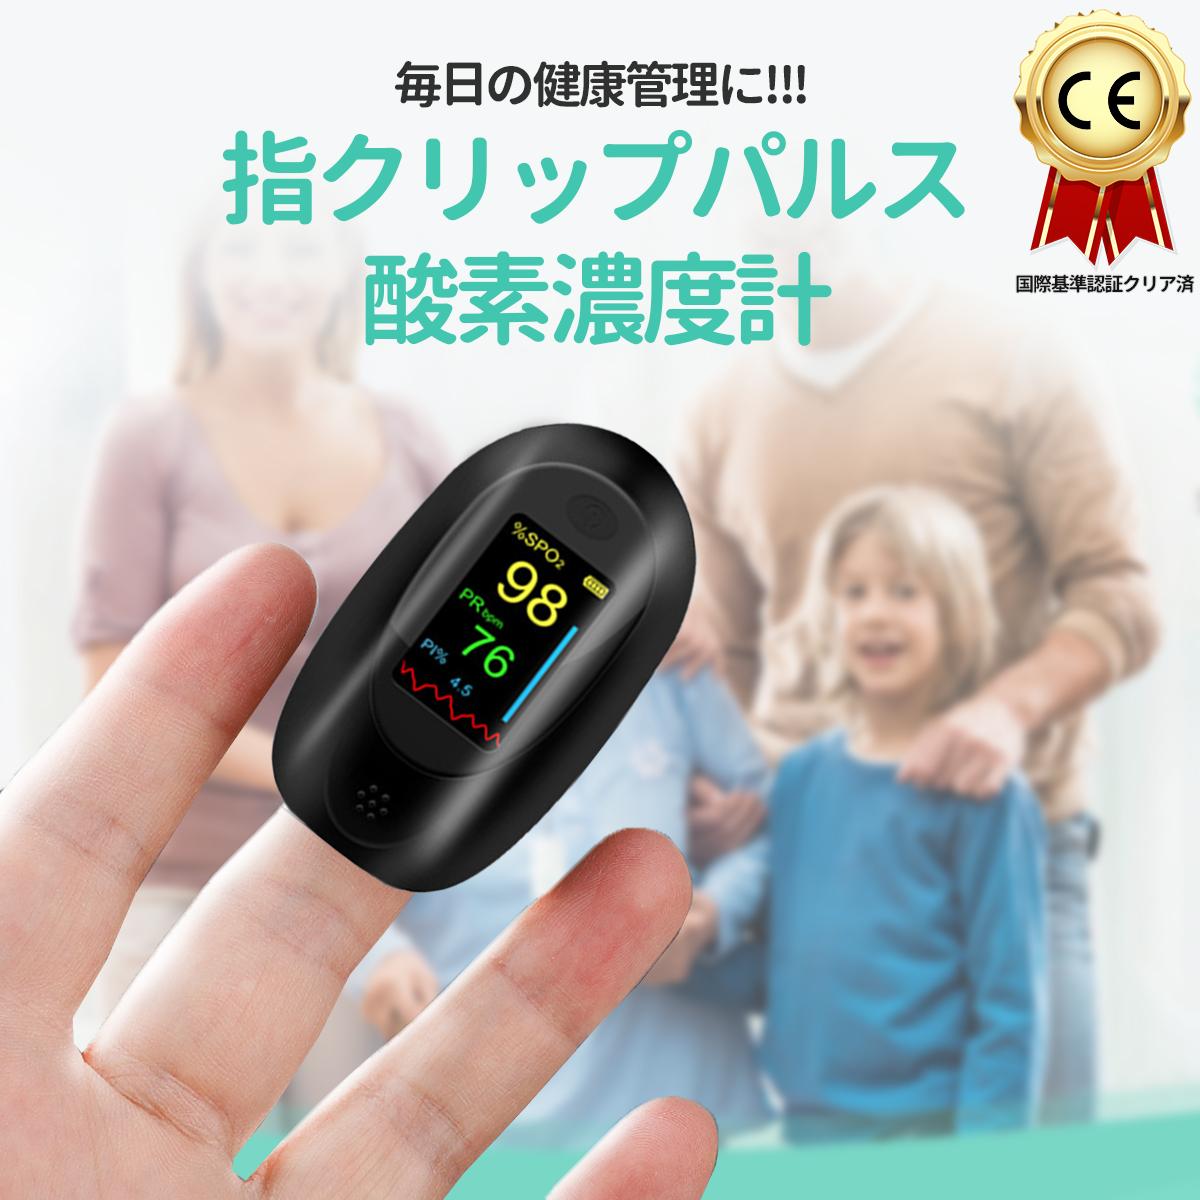 日本技術 血中酸素濃度計 大人用 測定器 脈拍計 酸素飽和度 特価 心拍計 指先測定 血中酸素計 指先センサー 看護 家庭用 介護 指脈拍 コンパクト看護 指先 操作 日本語説明書付き スーパーSALE期間限定 激安 2021最新式 旅行 高精度 酸素濃度計 国際承認済み 登山用 ワンタッチ 在宅 軽量便利